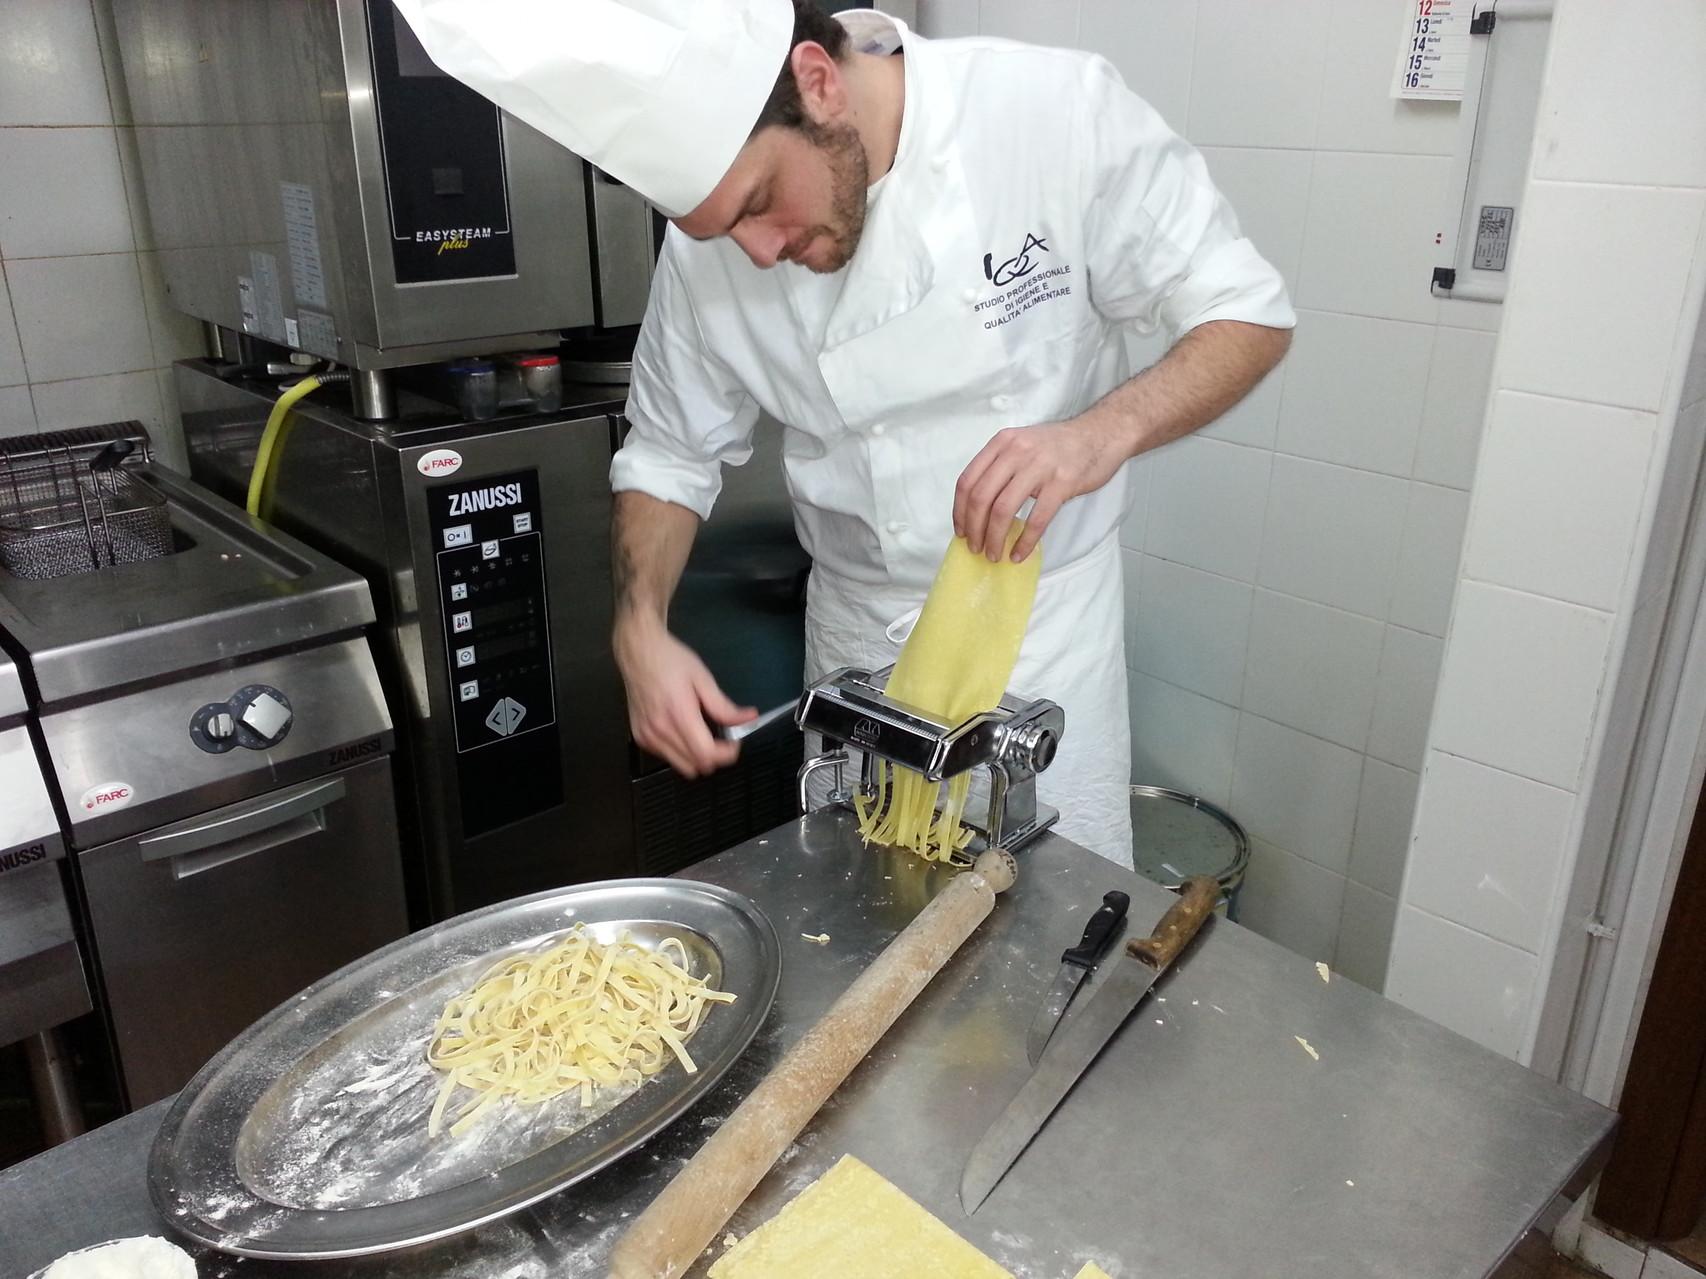 Corsi sqa tecnico di cucina professionale haccp sicilia - Corsi di cucina catania ...